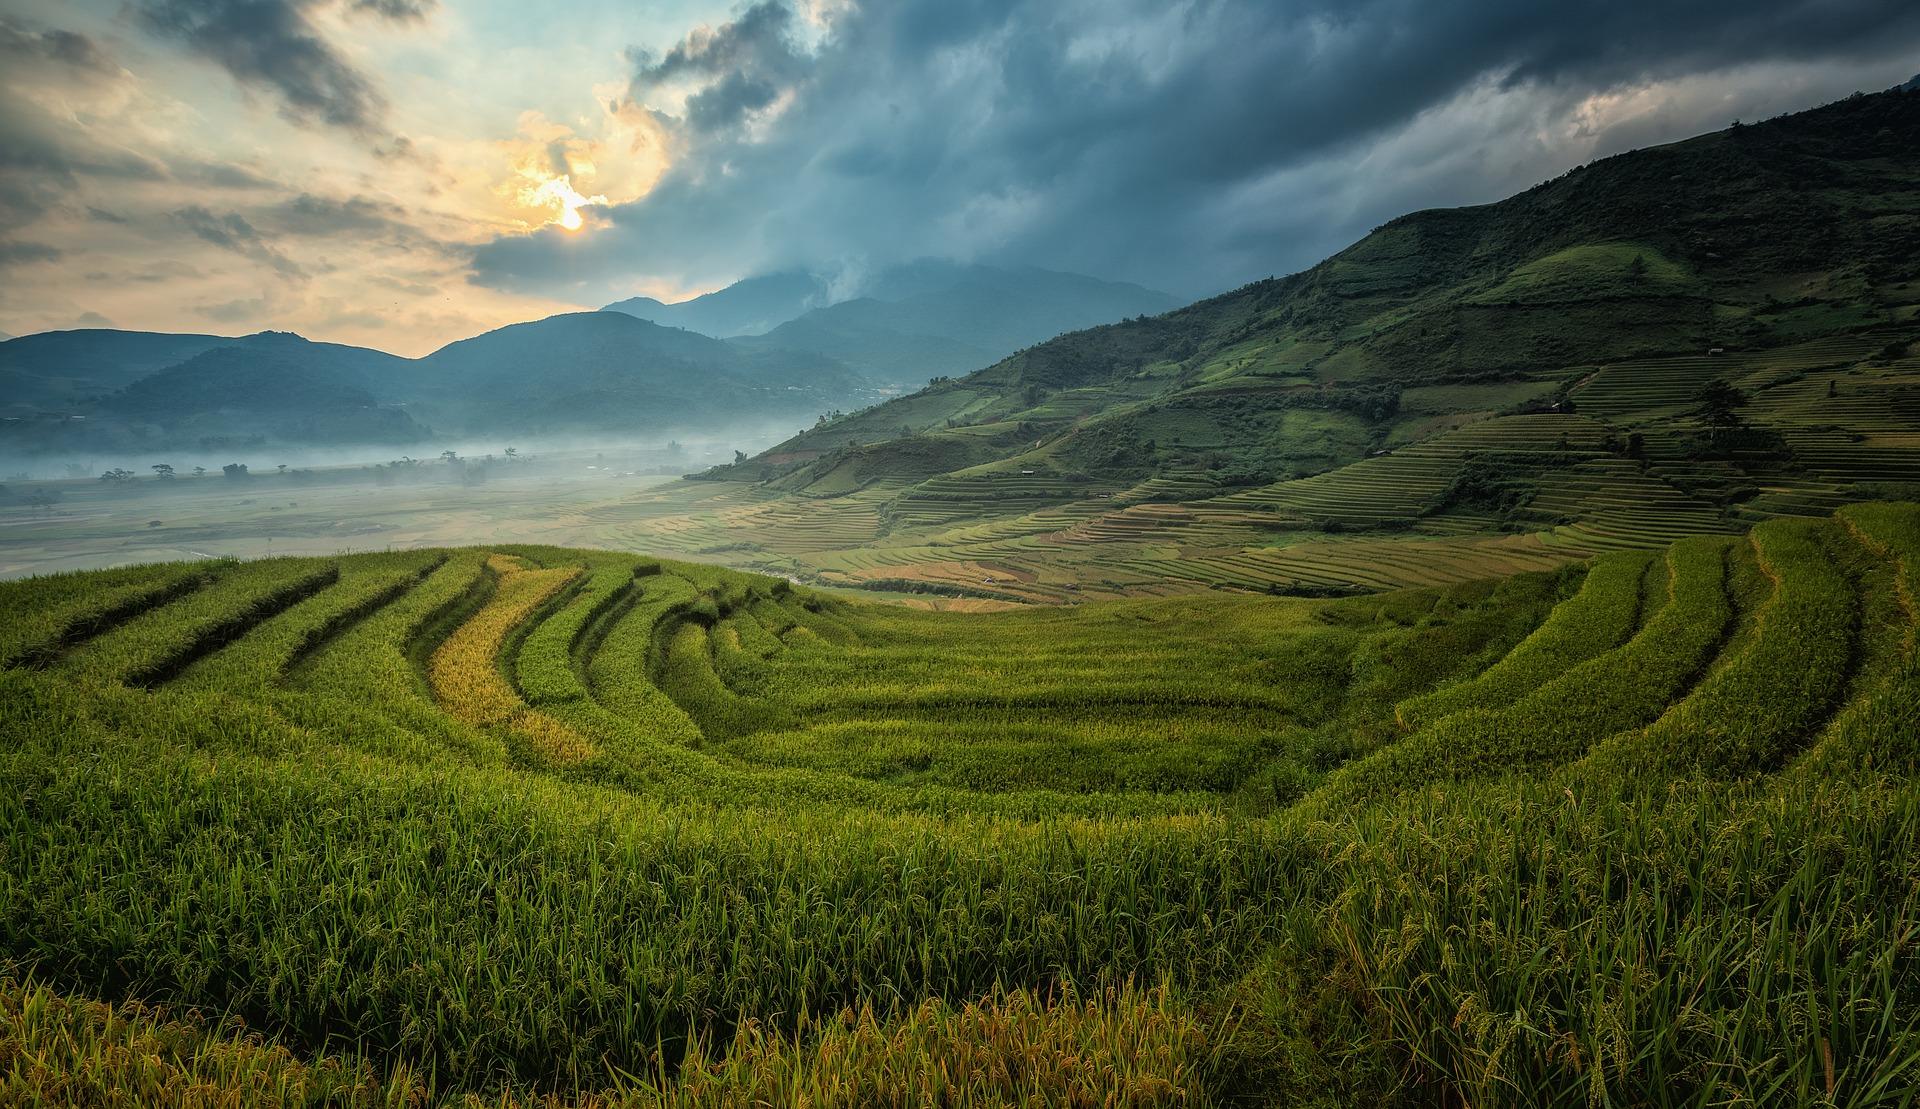 Mountainous rice plantation photo